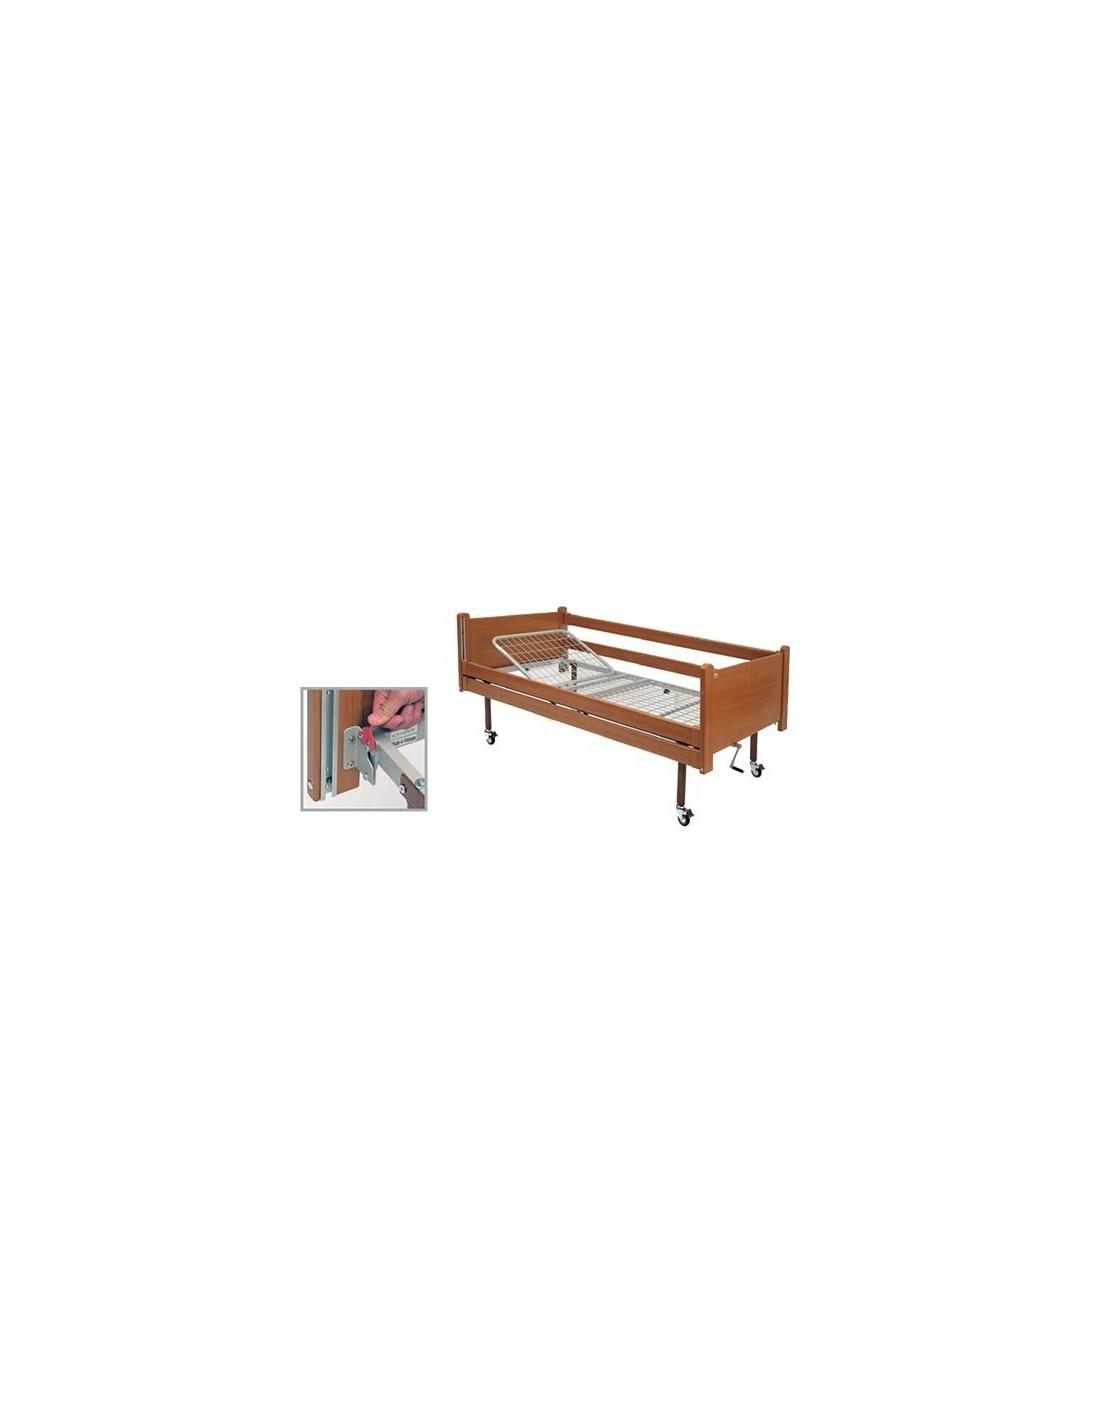 Kit in legno con sponde per letto in ferro wimed - Sponde per letto ...